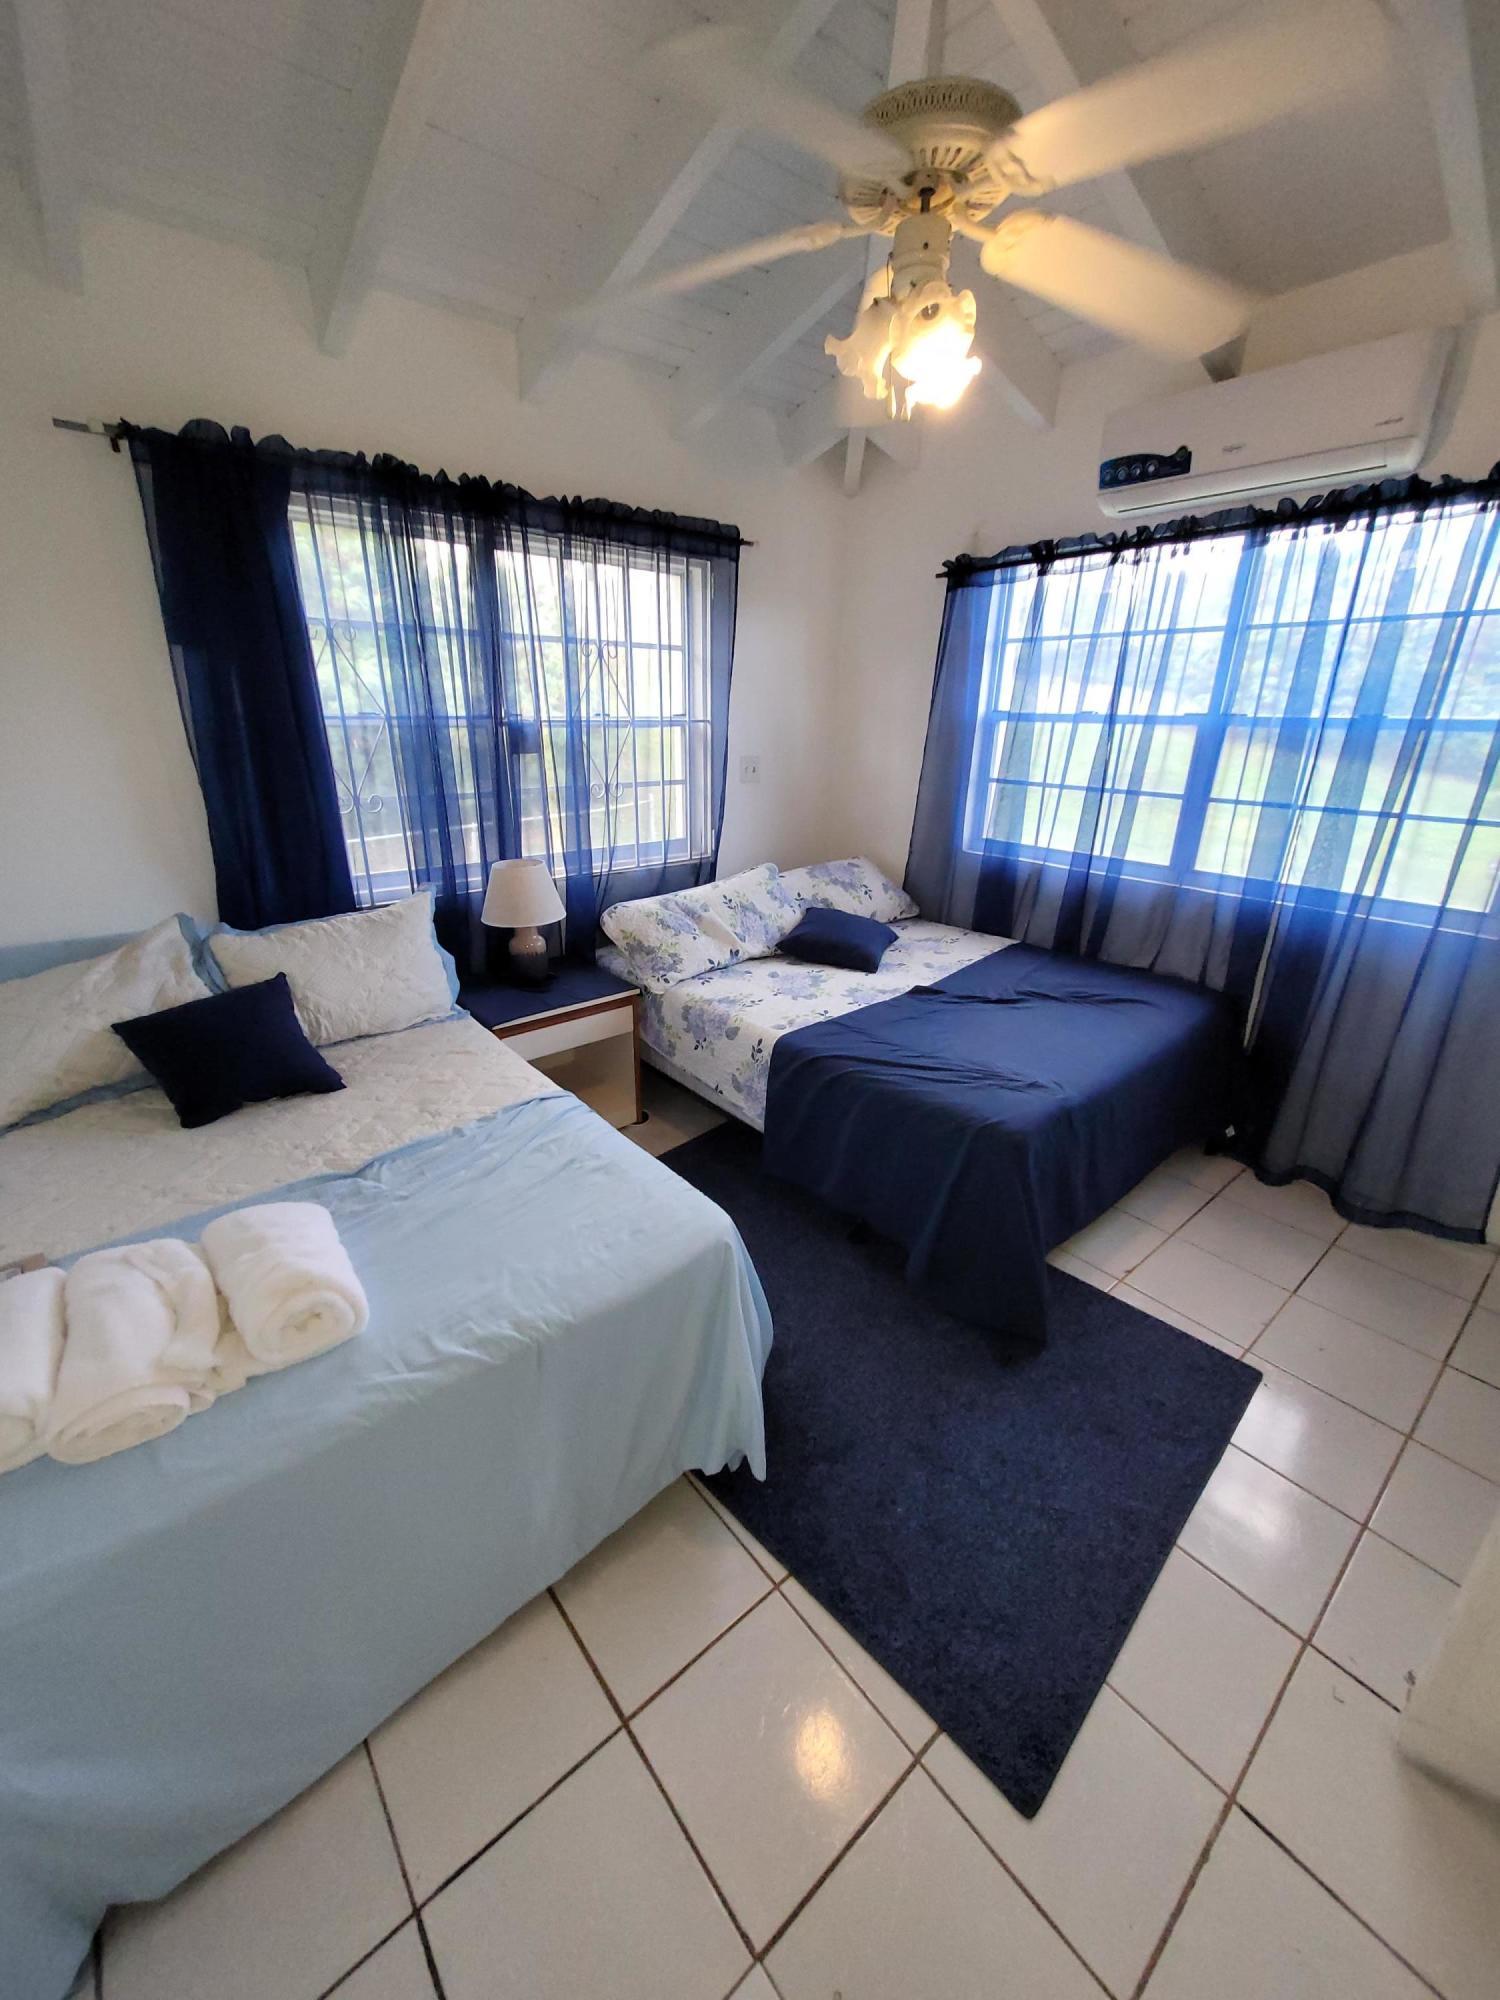 RE/MAX real estate, US Virgin Islands, Barren Spot Estate, New Listing  Res Rental  Barren Spot KI